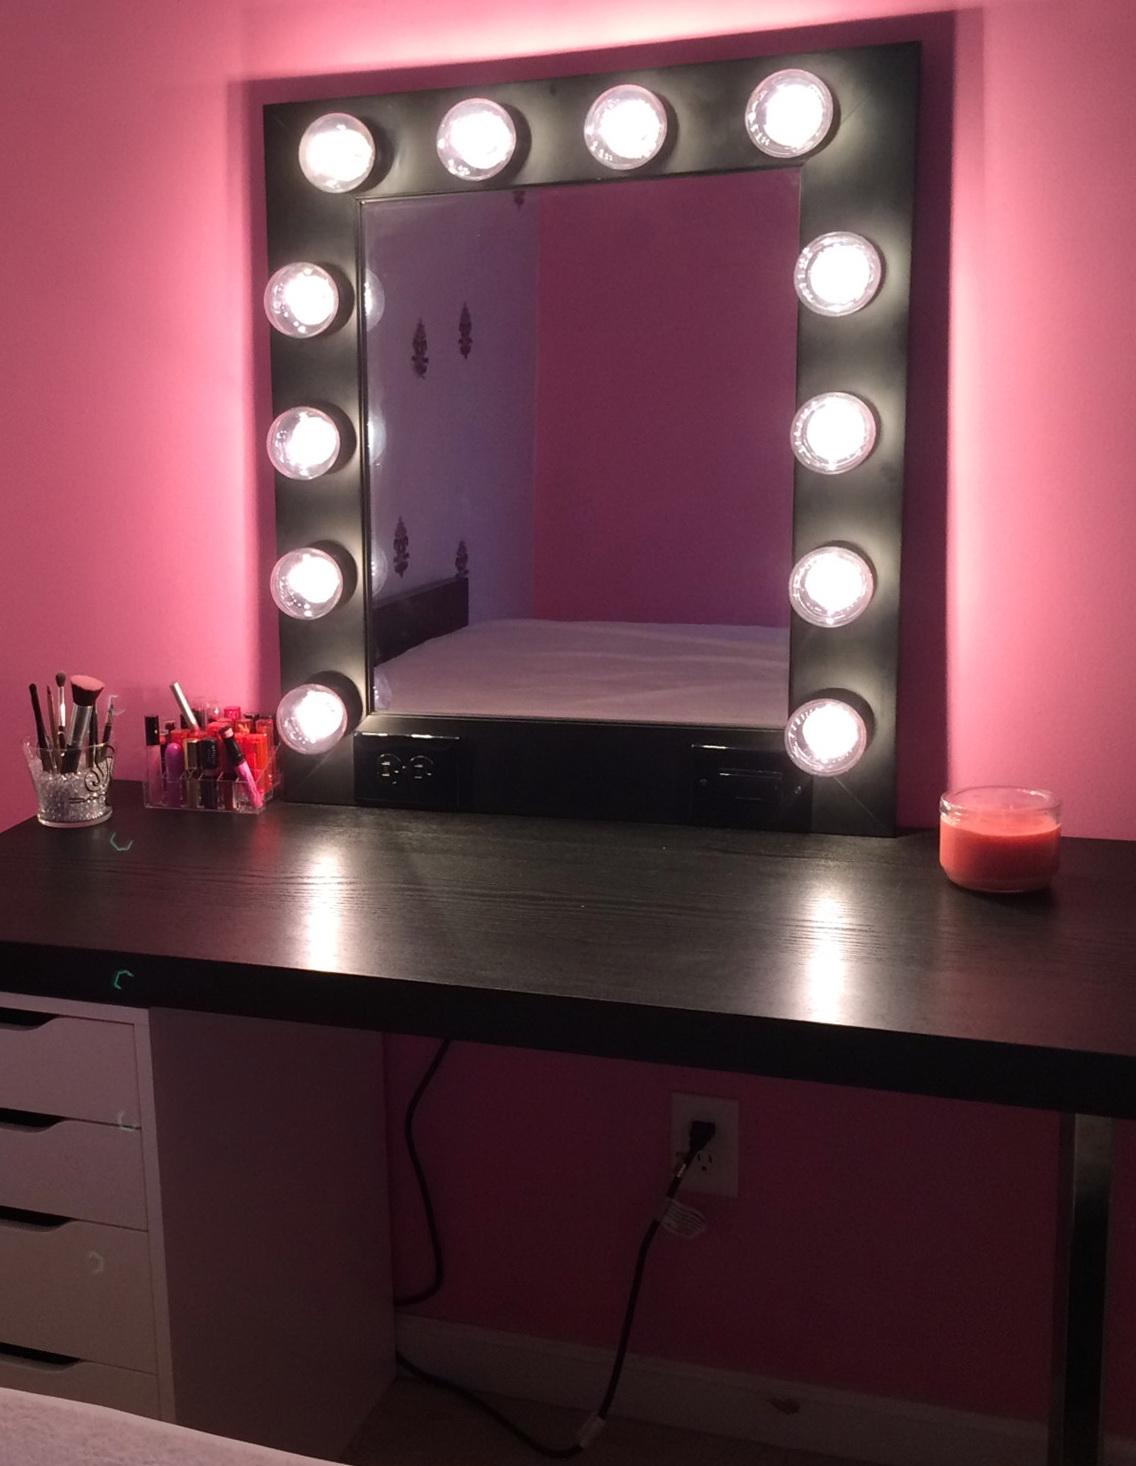 broadway lighted vanity mirror uk home design ideas. Black Bedroom Furniture Sets. Home Design Ideas